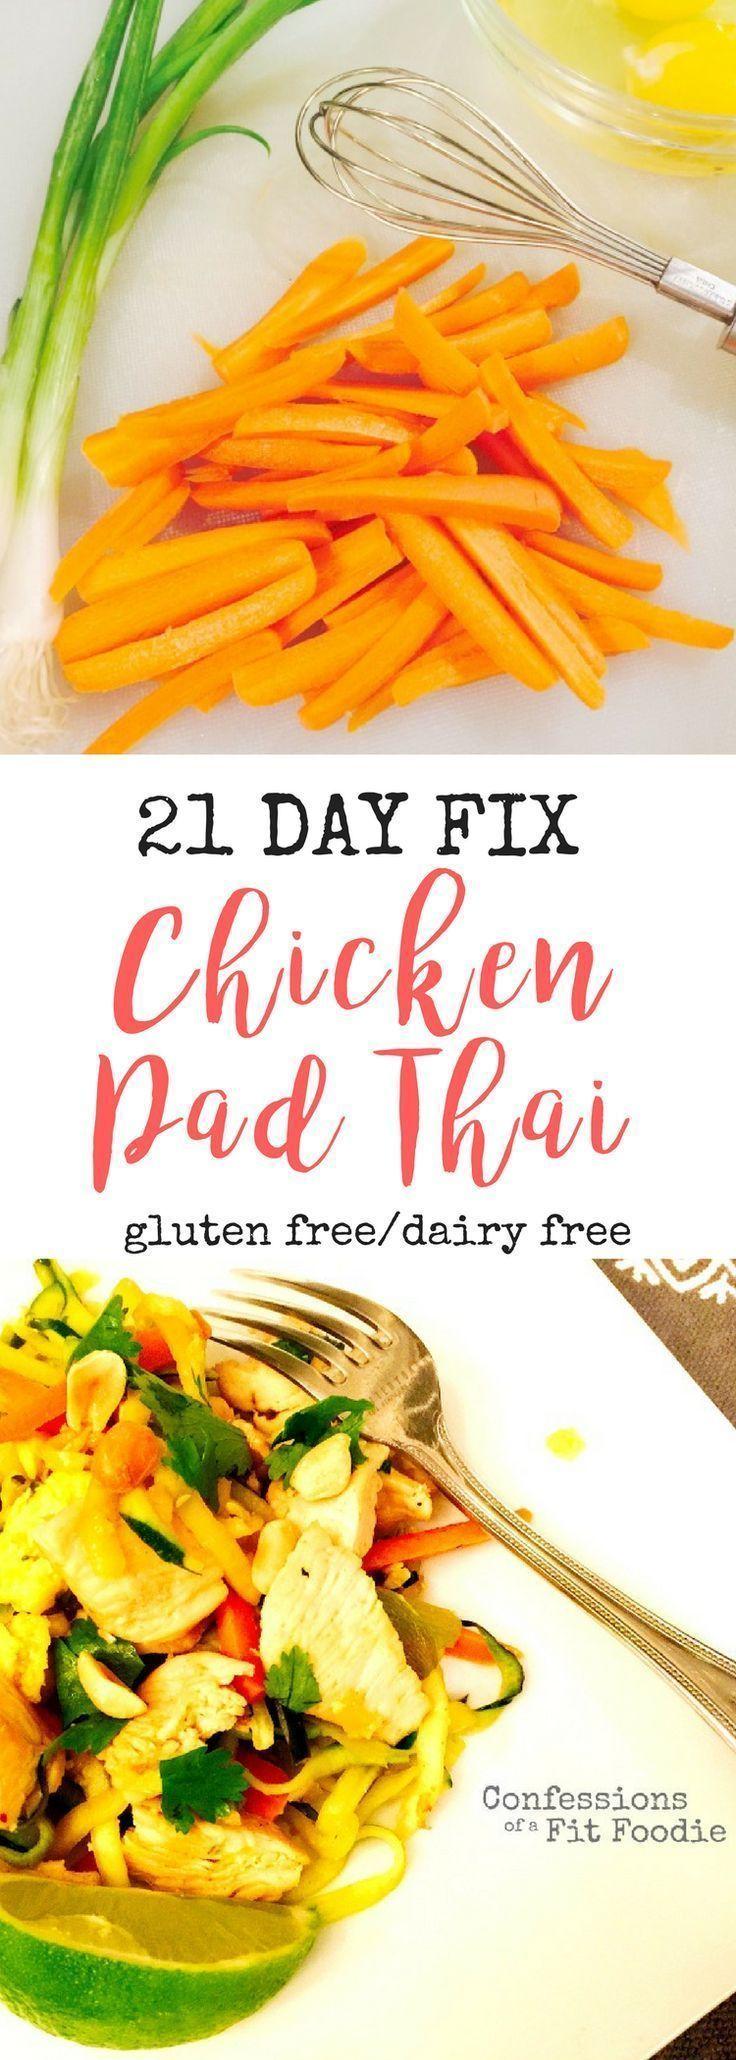 21 Day Fix Chicken Pad Thai Crustless Zucchini Quiche